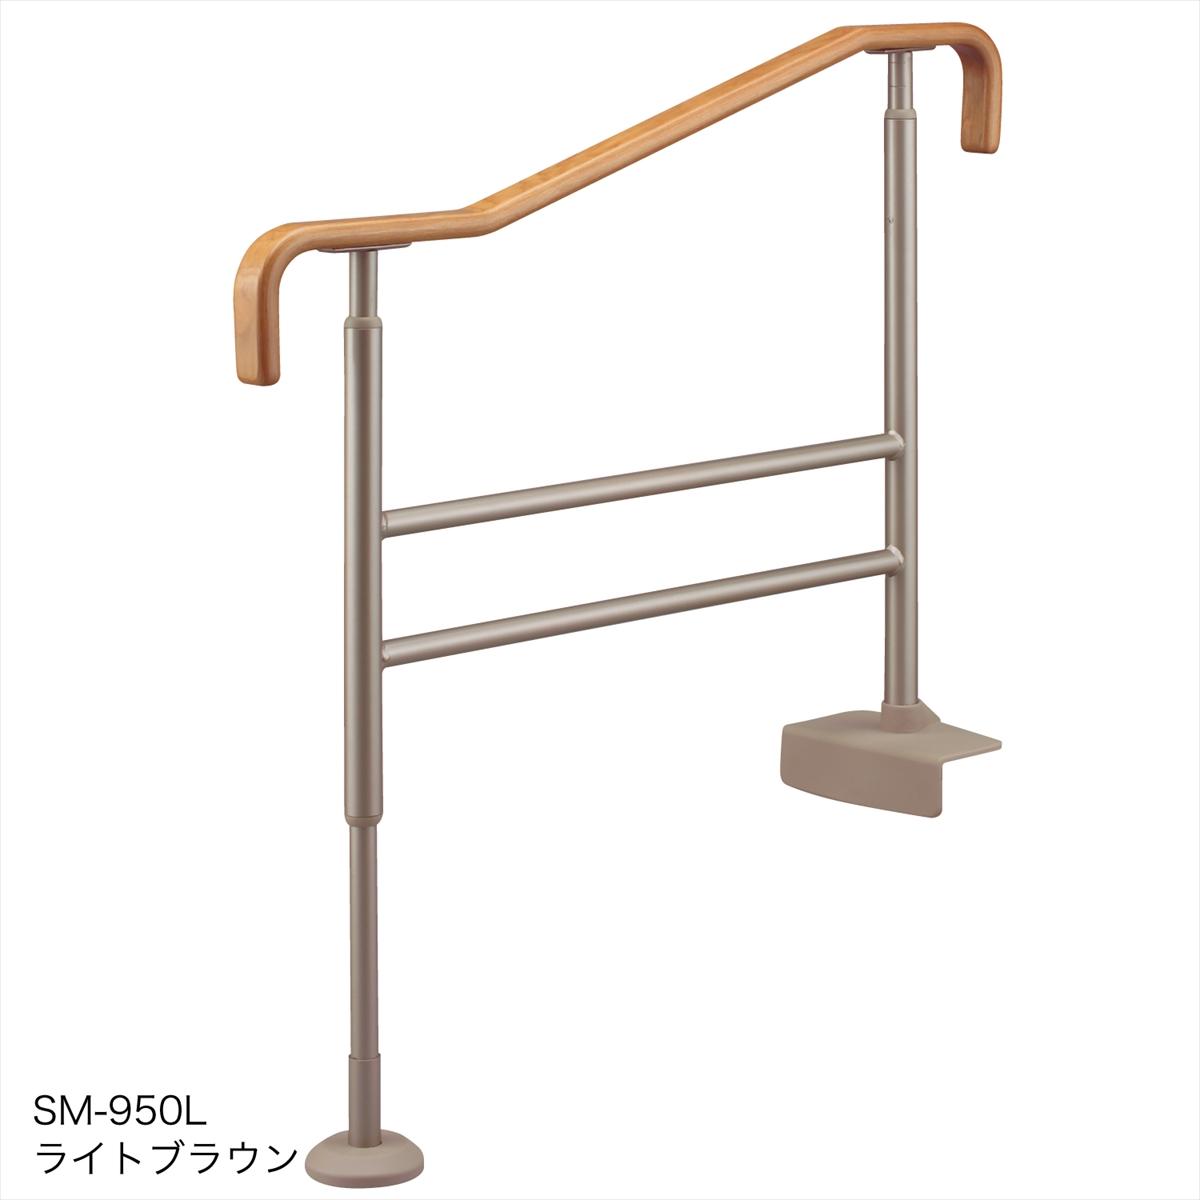 [アロン化成]安寿 上がりかまち用手すり L型固定板 SM-950L 531-062 531-064